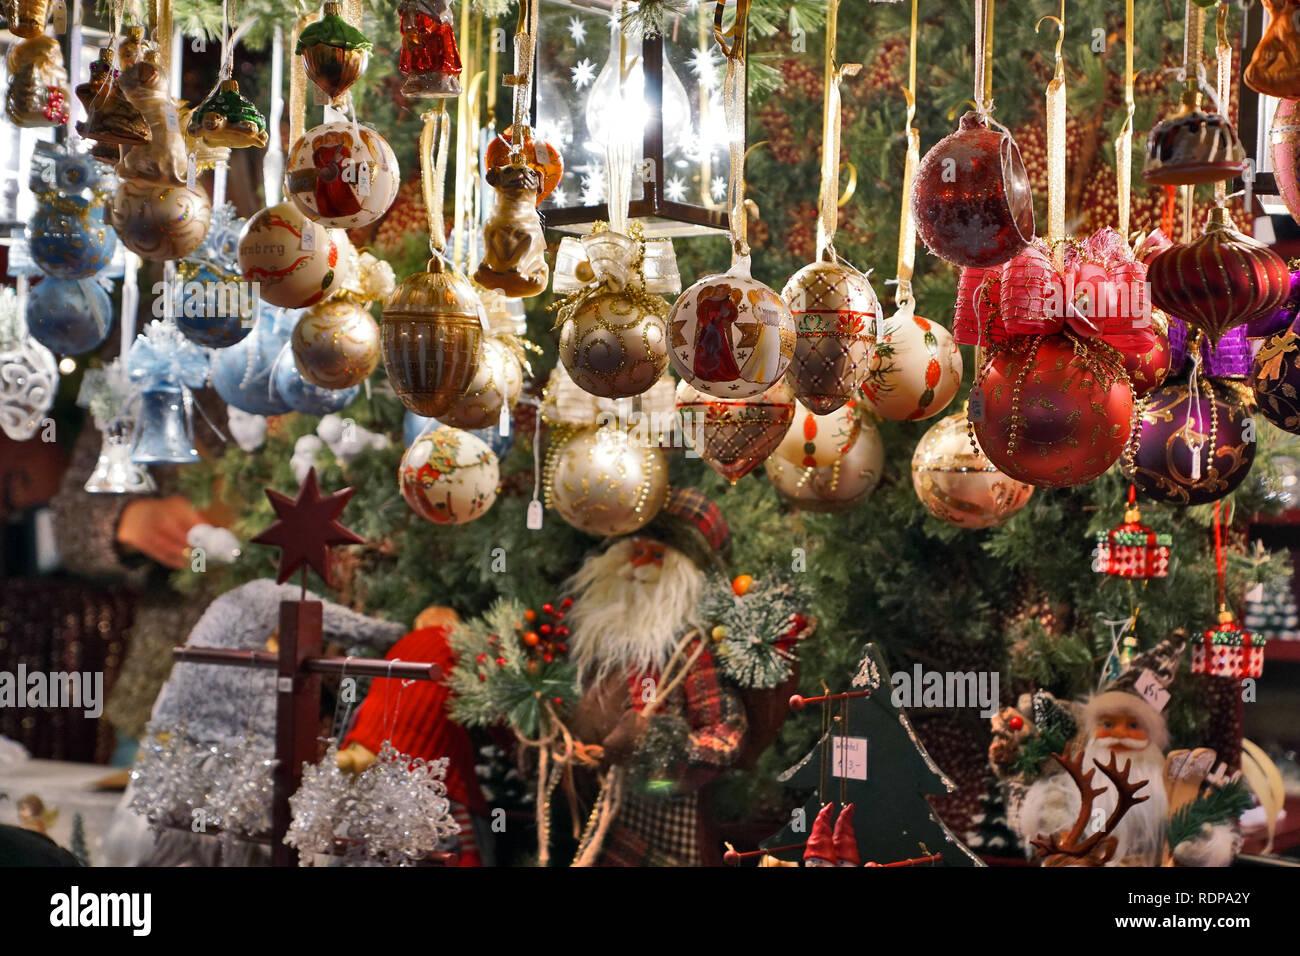 Weihnachtsdeko Straßenbeleuchtung.Adventsgeschäft Stockfotos Adventsgeschäft Bilder Alamy